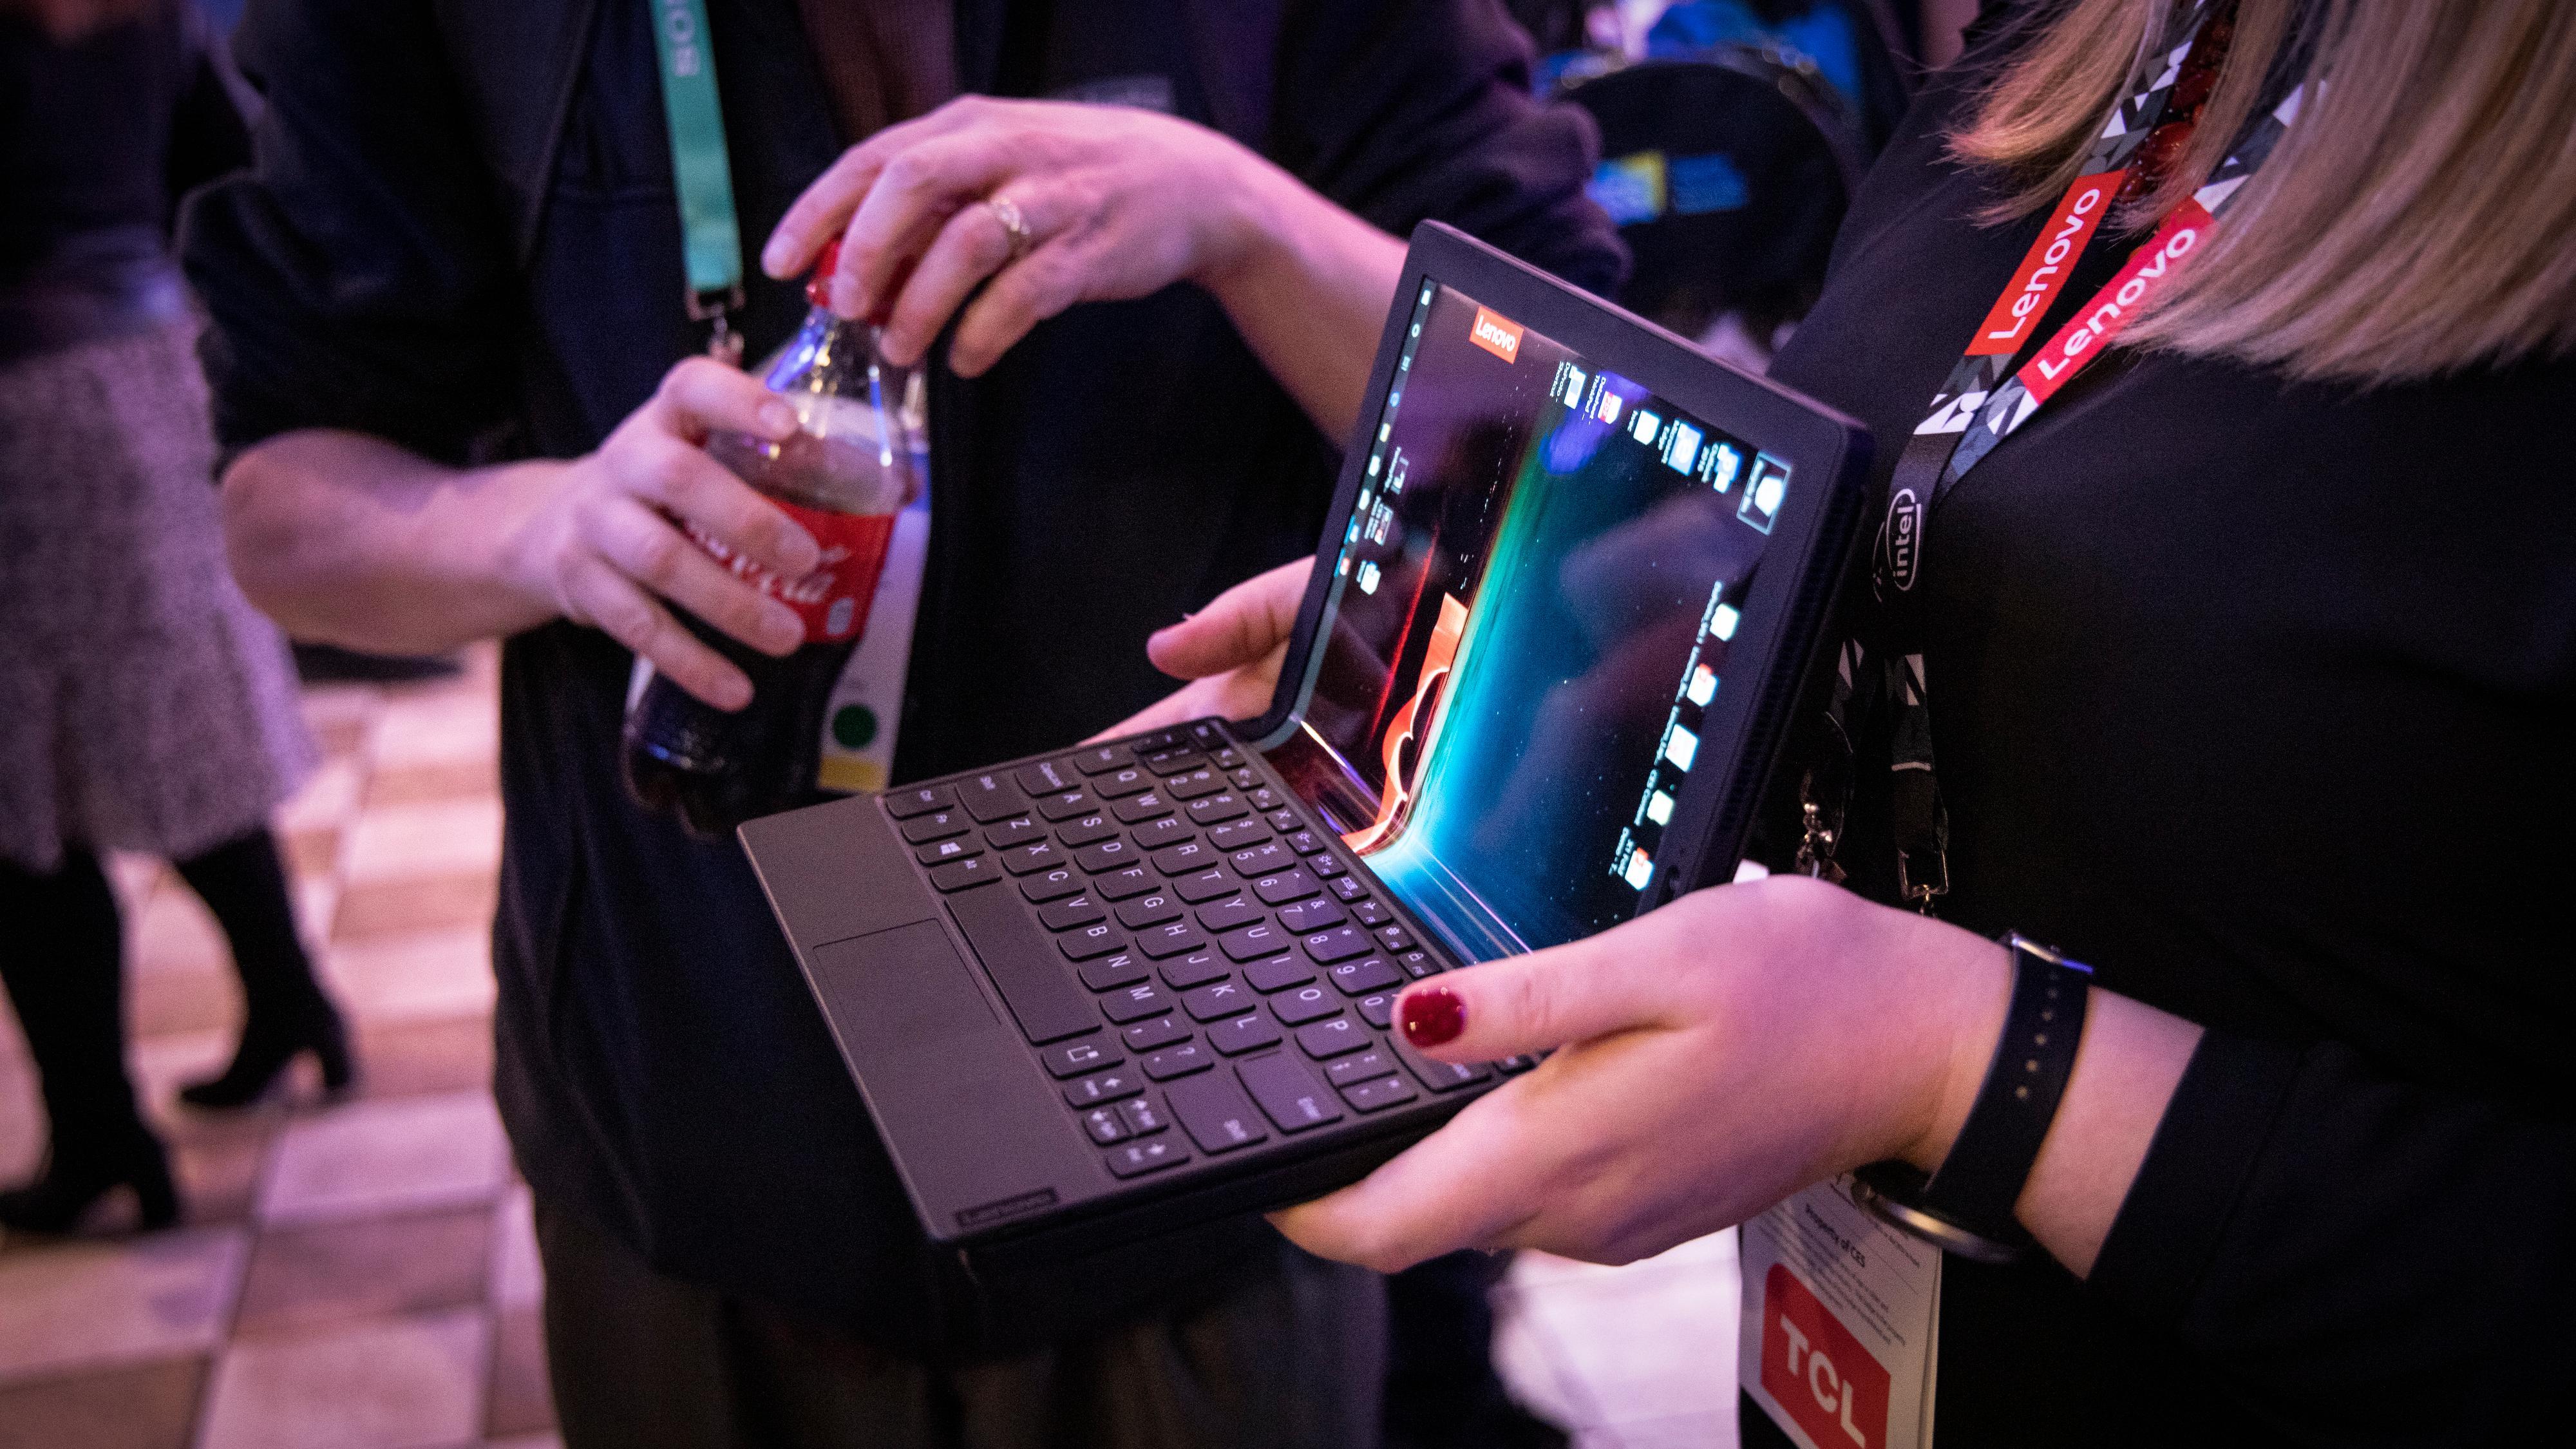 Det medfølgende blåtann-tastaturet kan festes på maskinen ved hjelp av magneter om du ønsker å bruke den som en litt mer vanlig laptop.